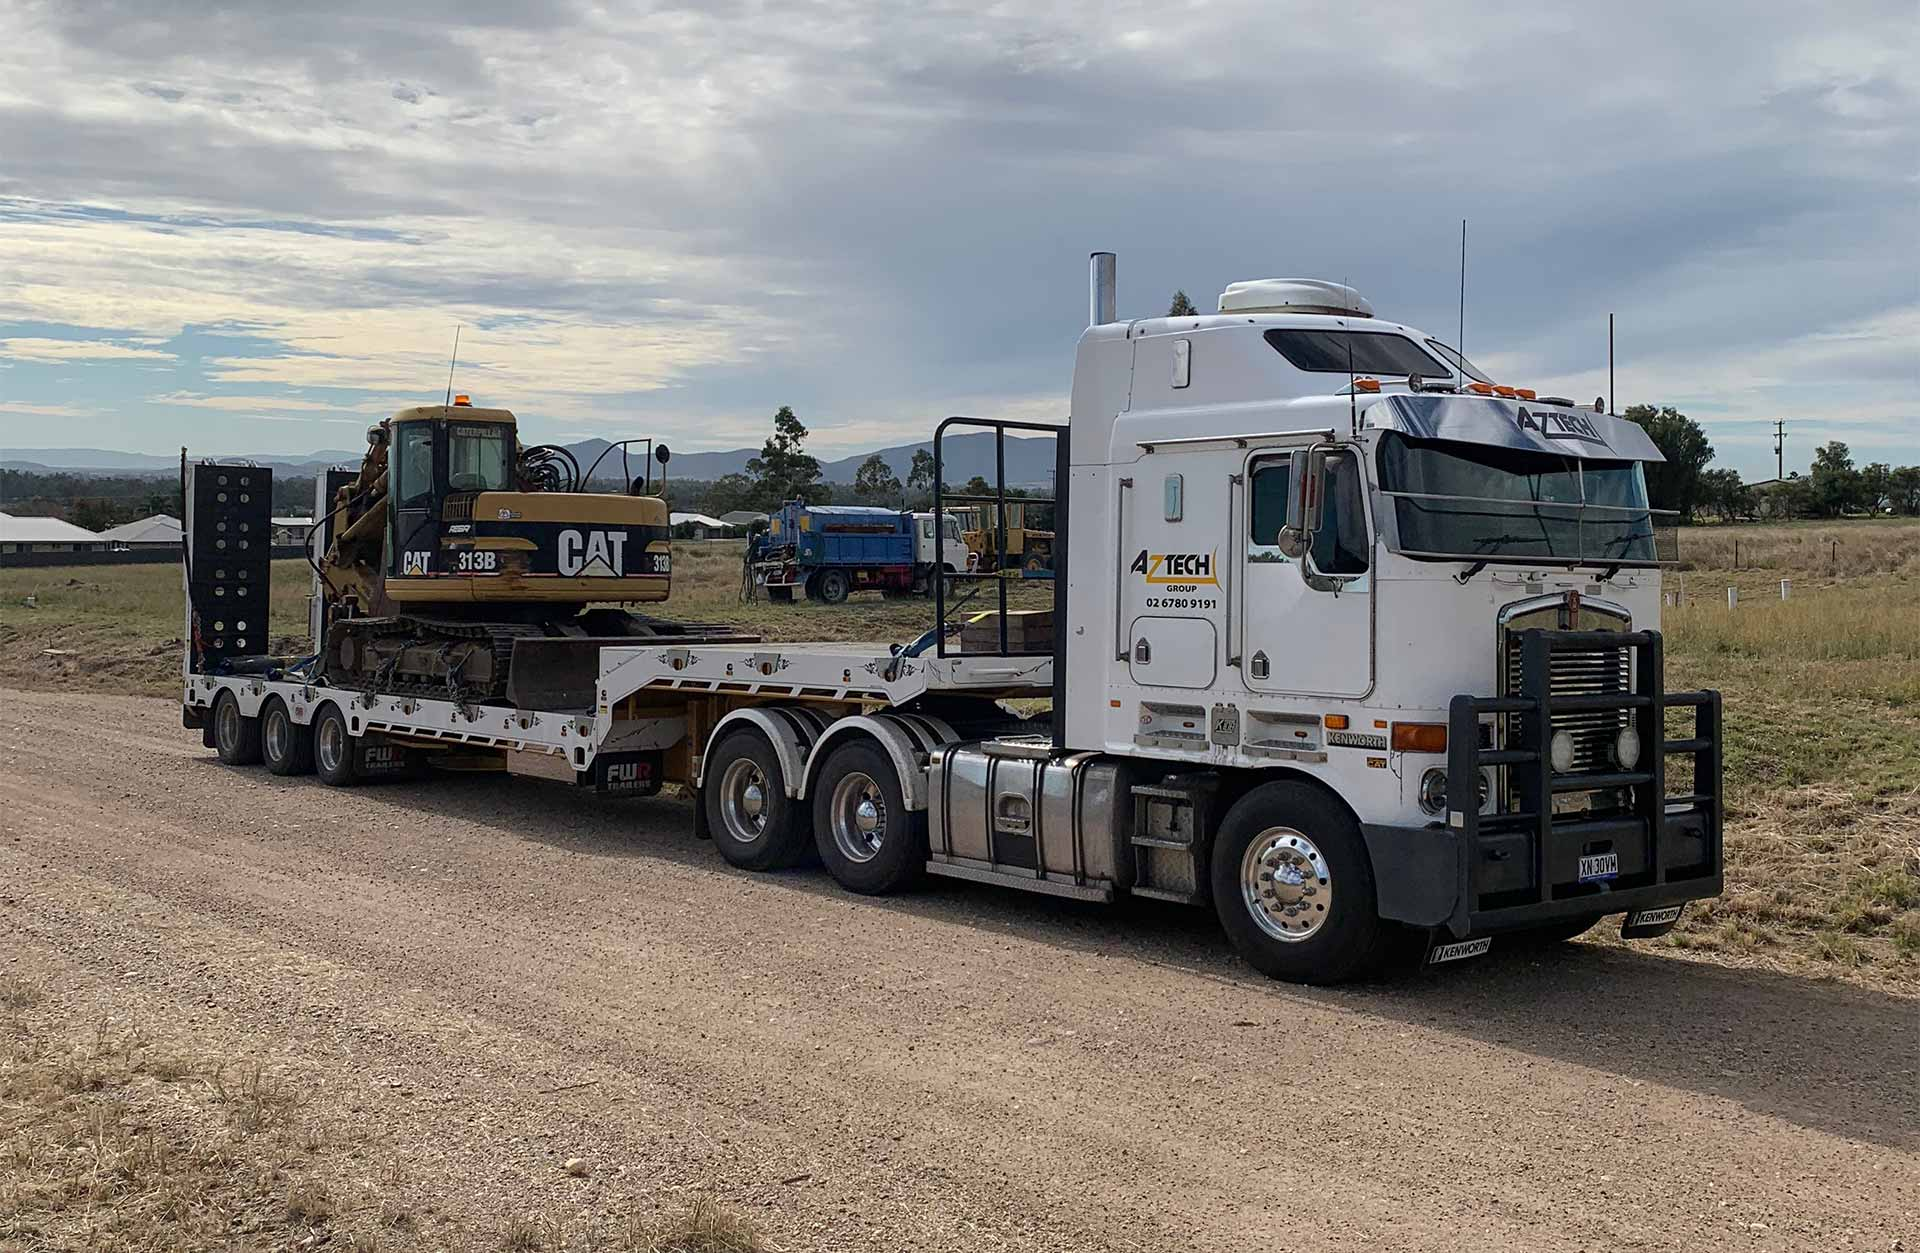 Aztech 24 wheelr truck with CAT 313B